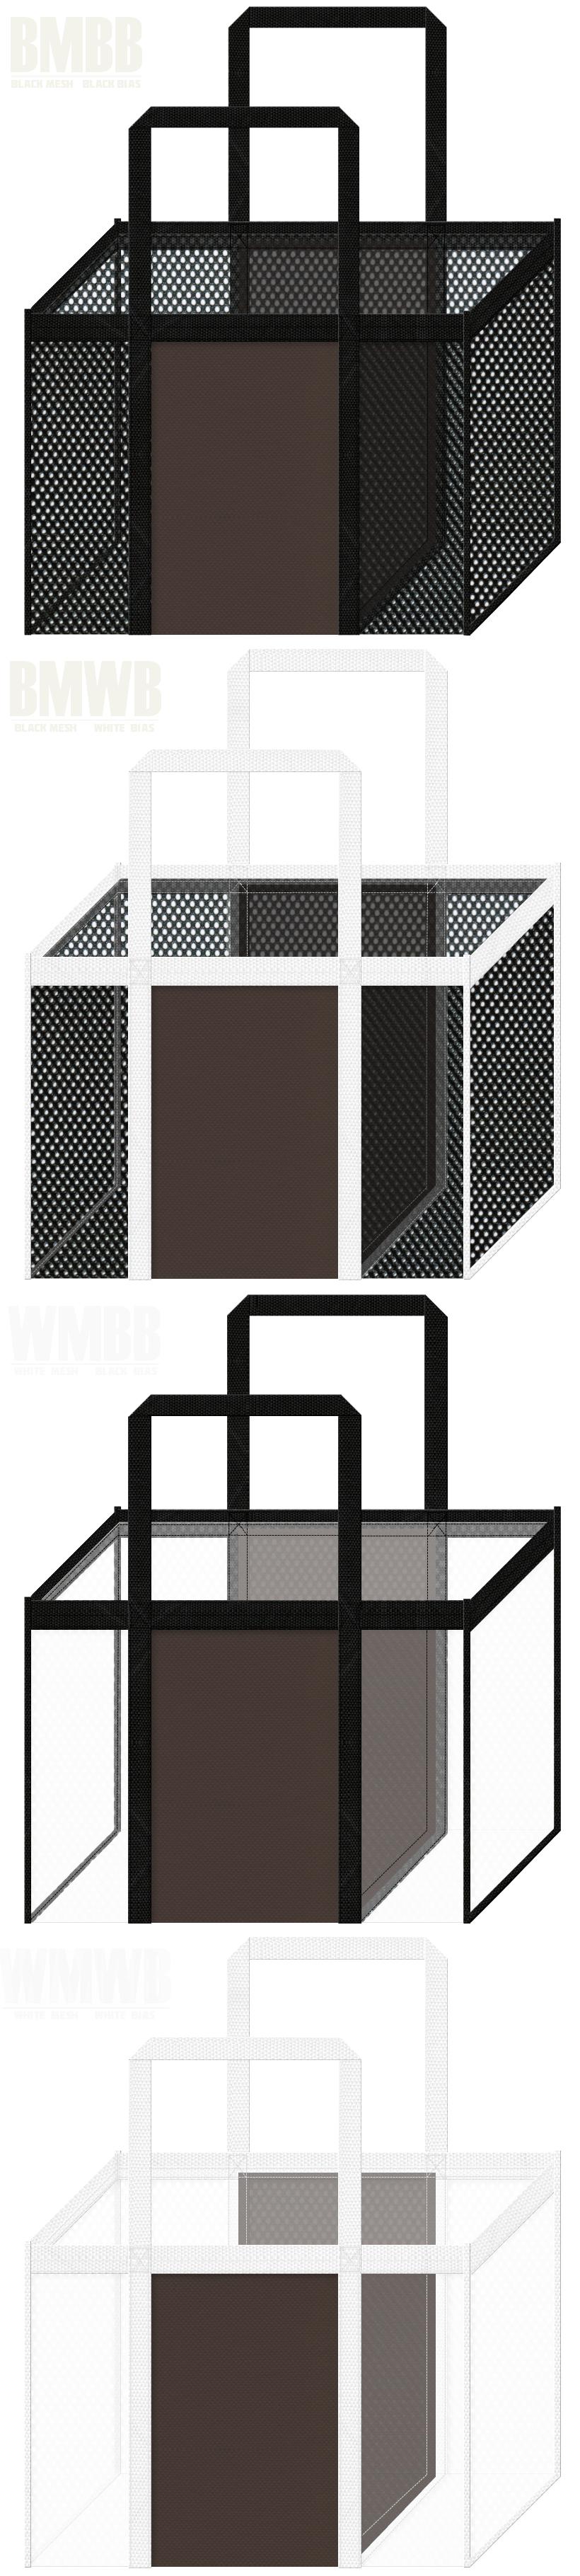 角型メッシュバッグのカラーシミュレーション:黒色・白色メッシュとこげ茶色不織布の組み合わせ